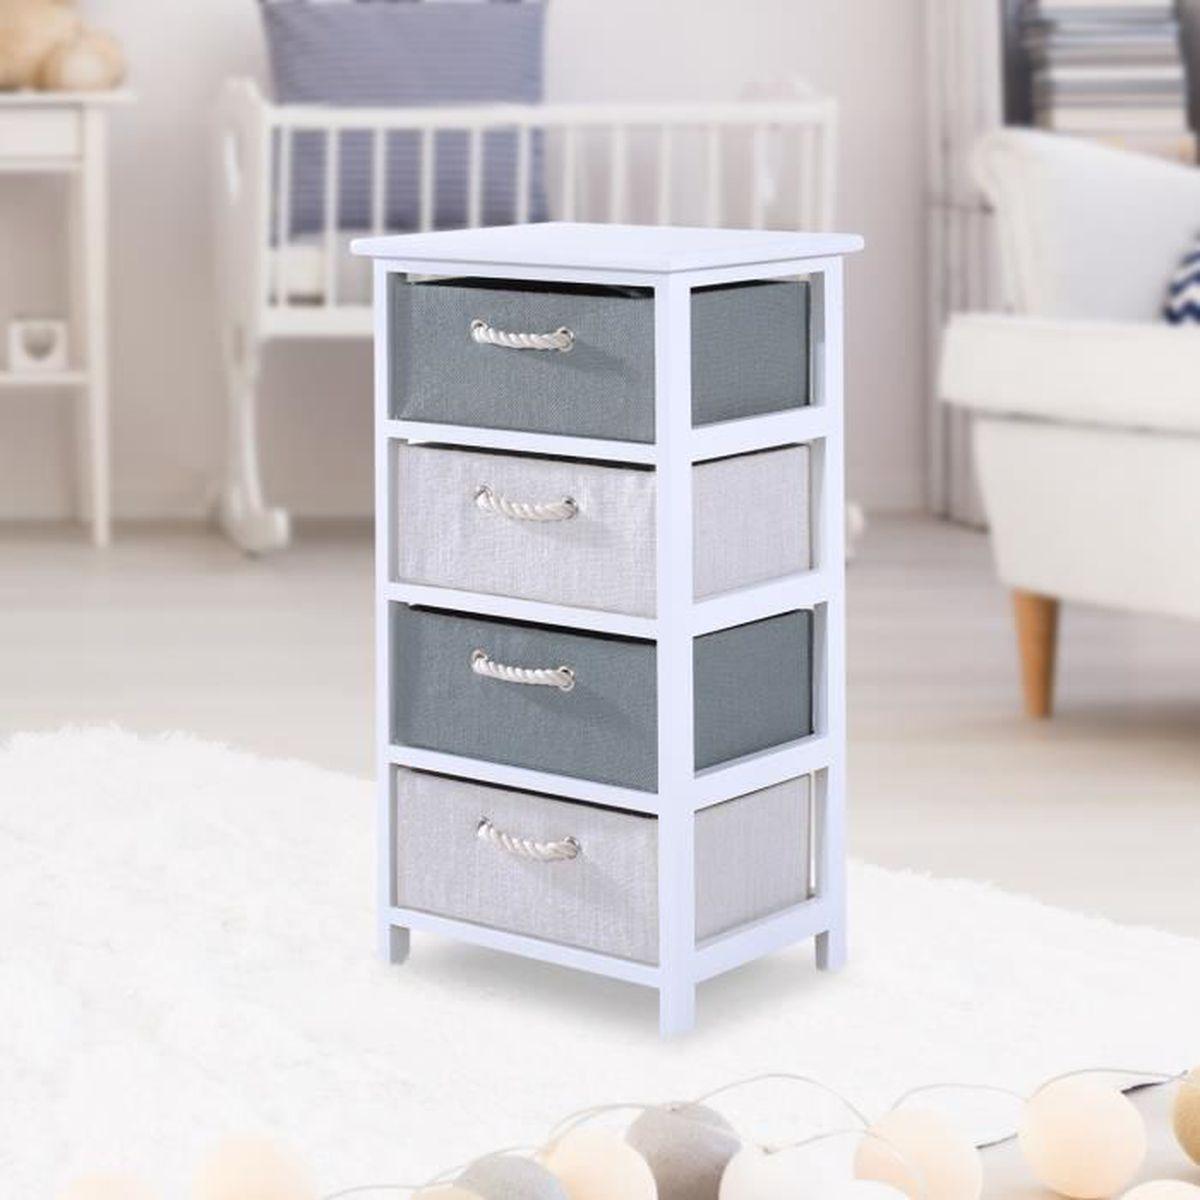 chiffonnier commode bois de paulownia 4 tiroirs toile de chanvre 40l x 29l x 73hcm blanc neuf 17. Black Bedroom Furniture Sets. Home Design Ideas